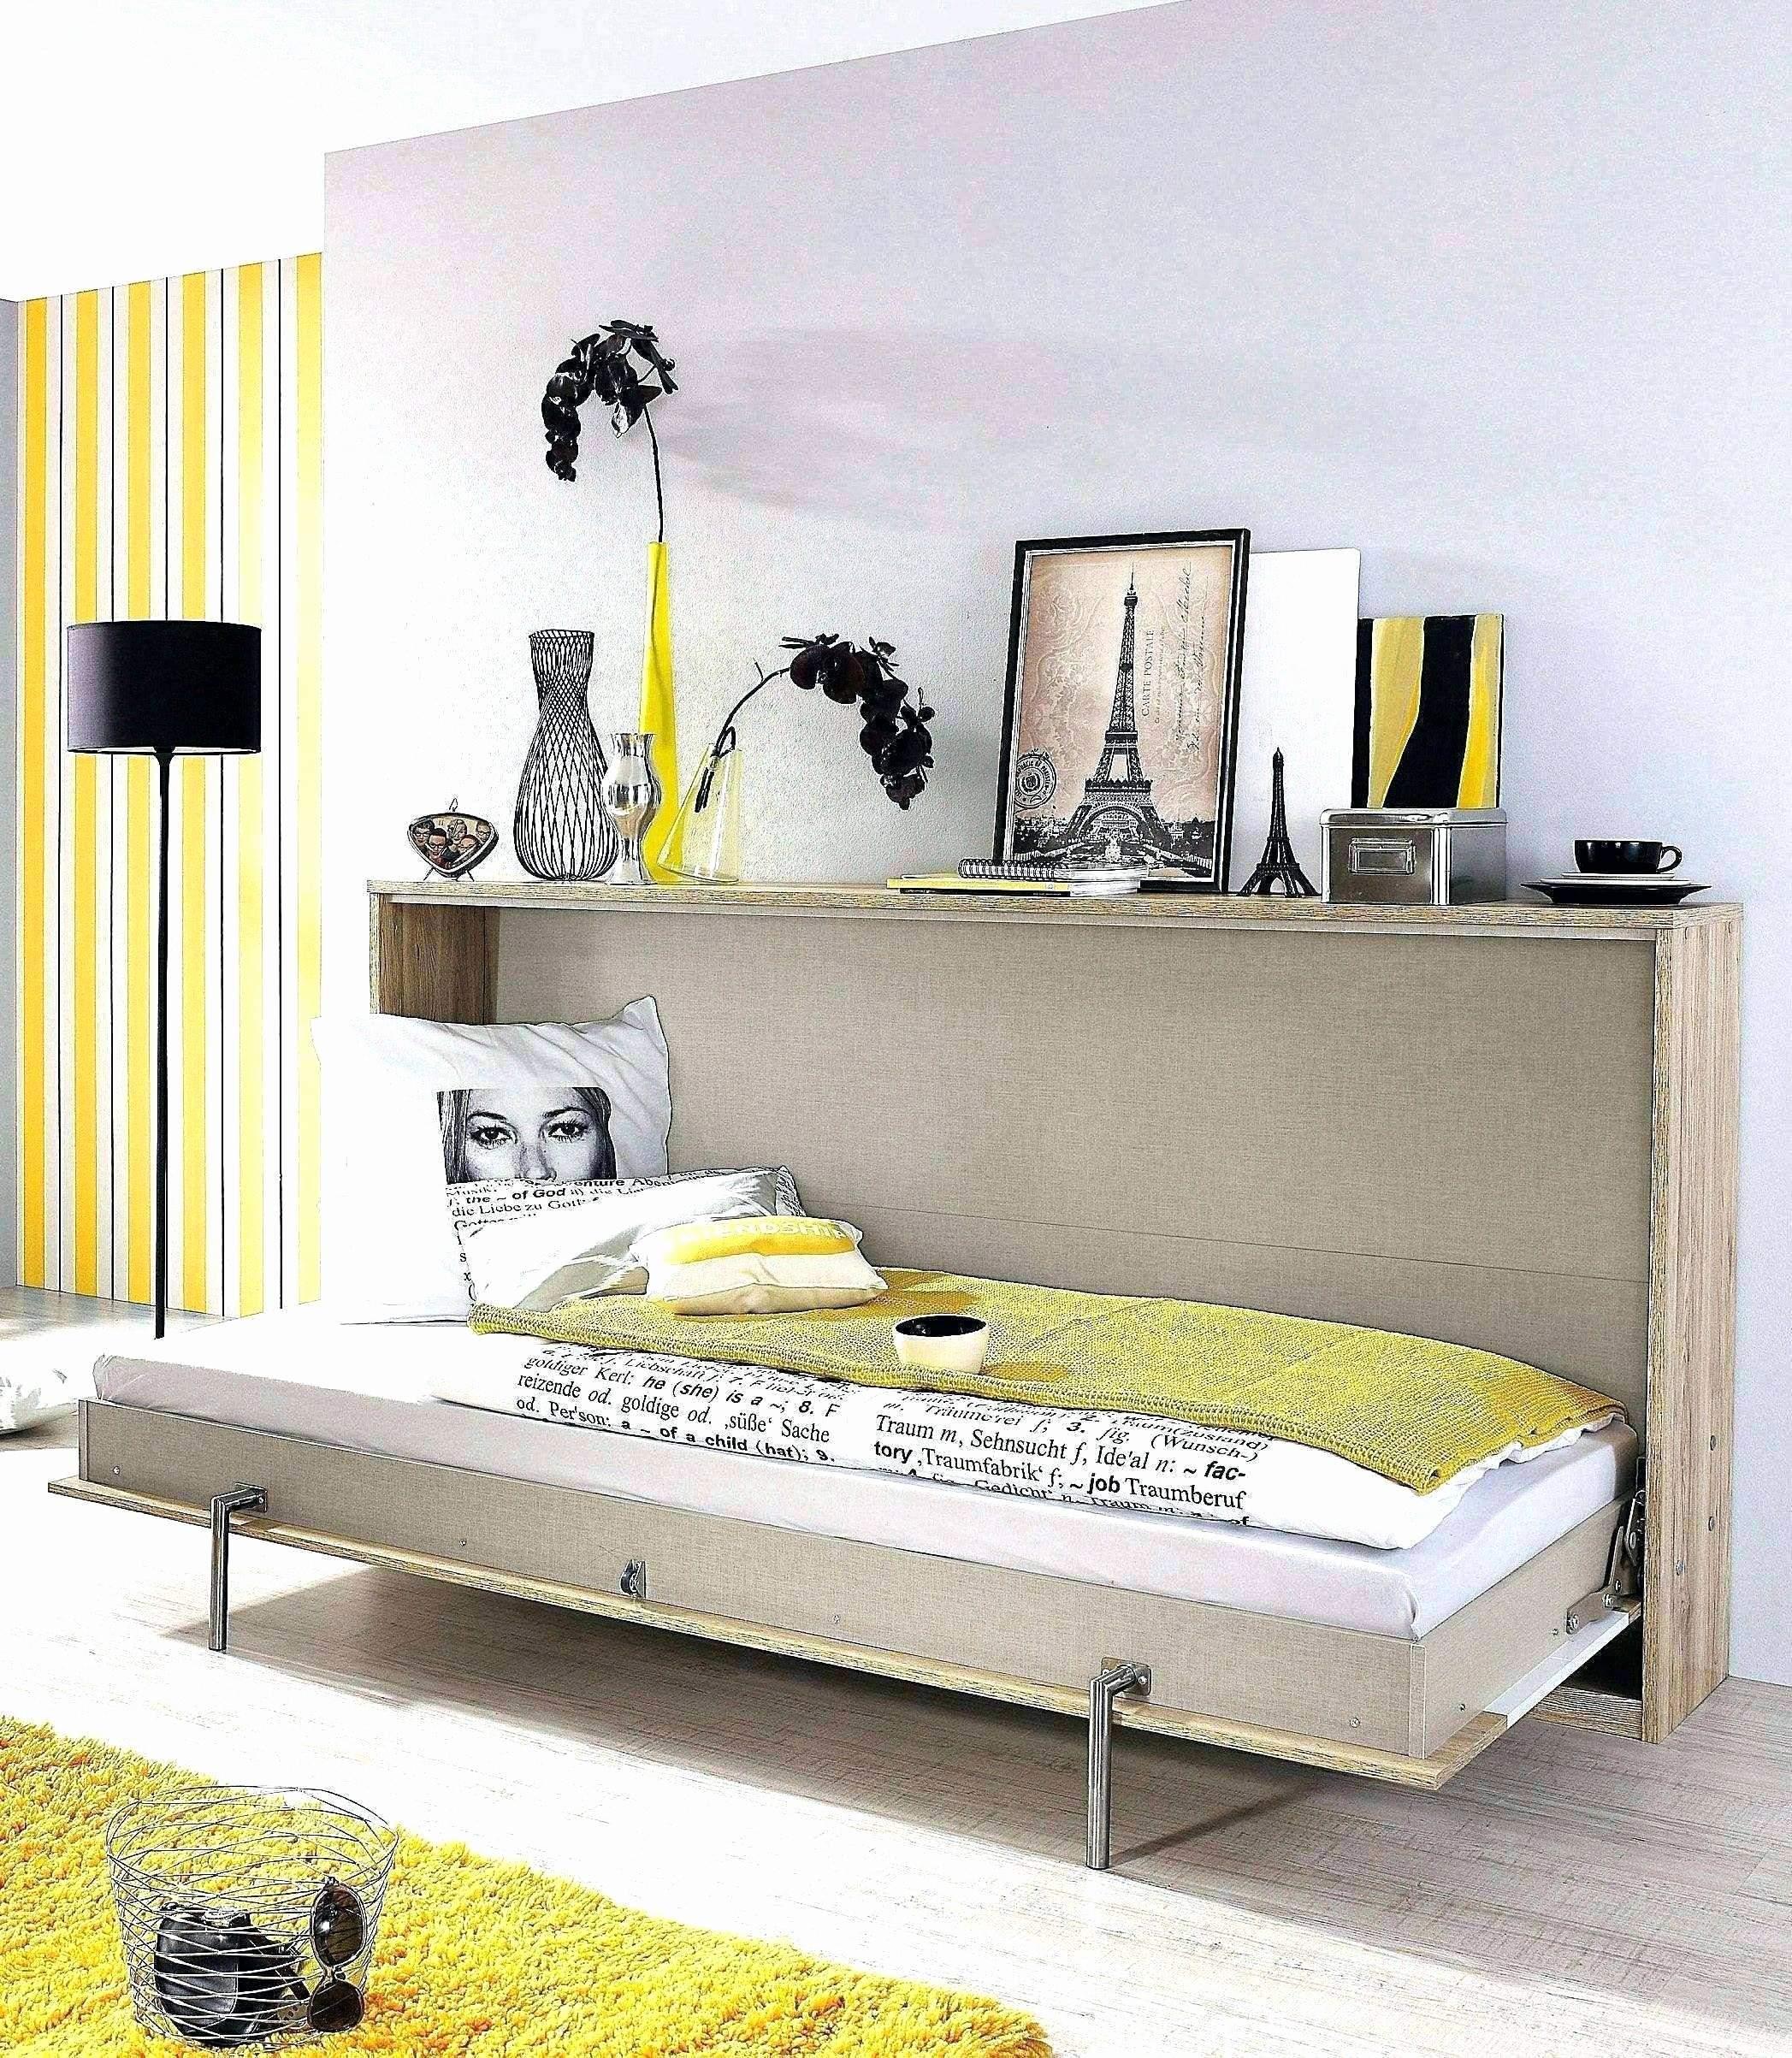 Full Size of Ikea Schlafzimmer Ideen Besta Einrichtungsideen Pinterest Malm Kallax Klein Deko Hemnes Kleine Pc Schrnke Wohnzimmer Schn Schimmel Im Luxus Sofa Mit Wohnzimmer Ikea Schlafzimmer Ideen